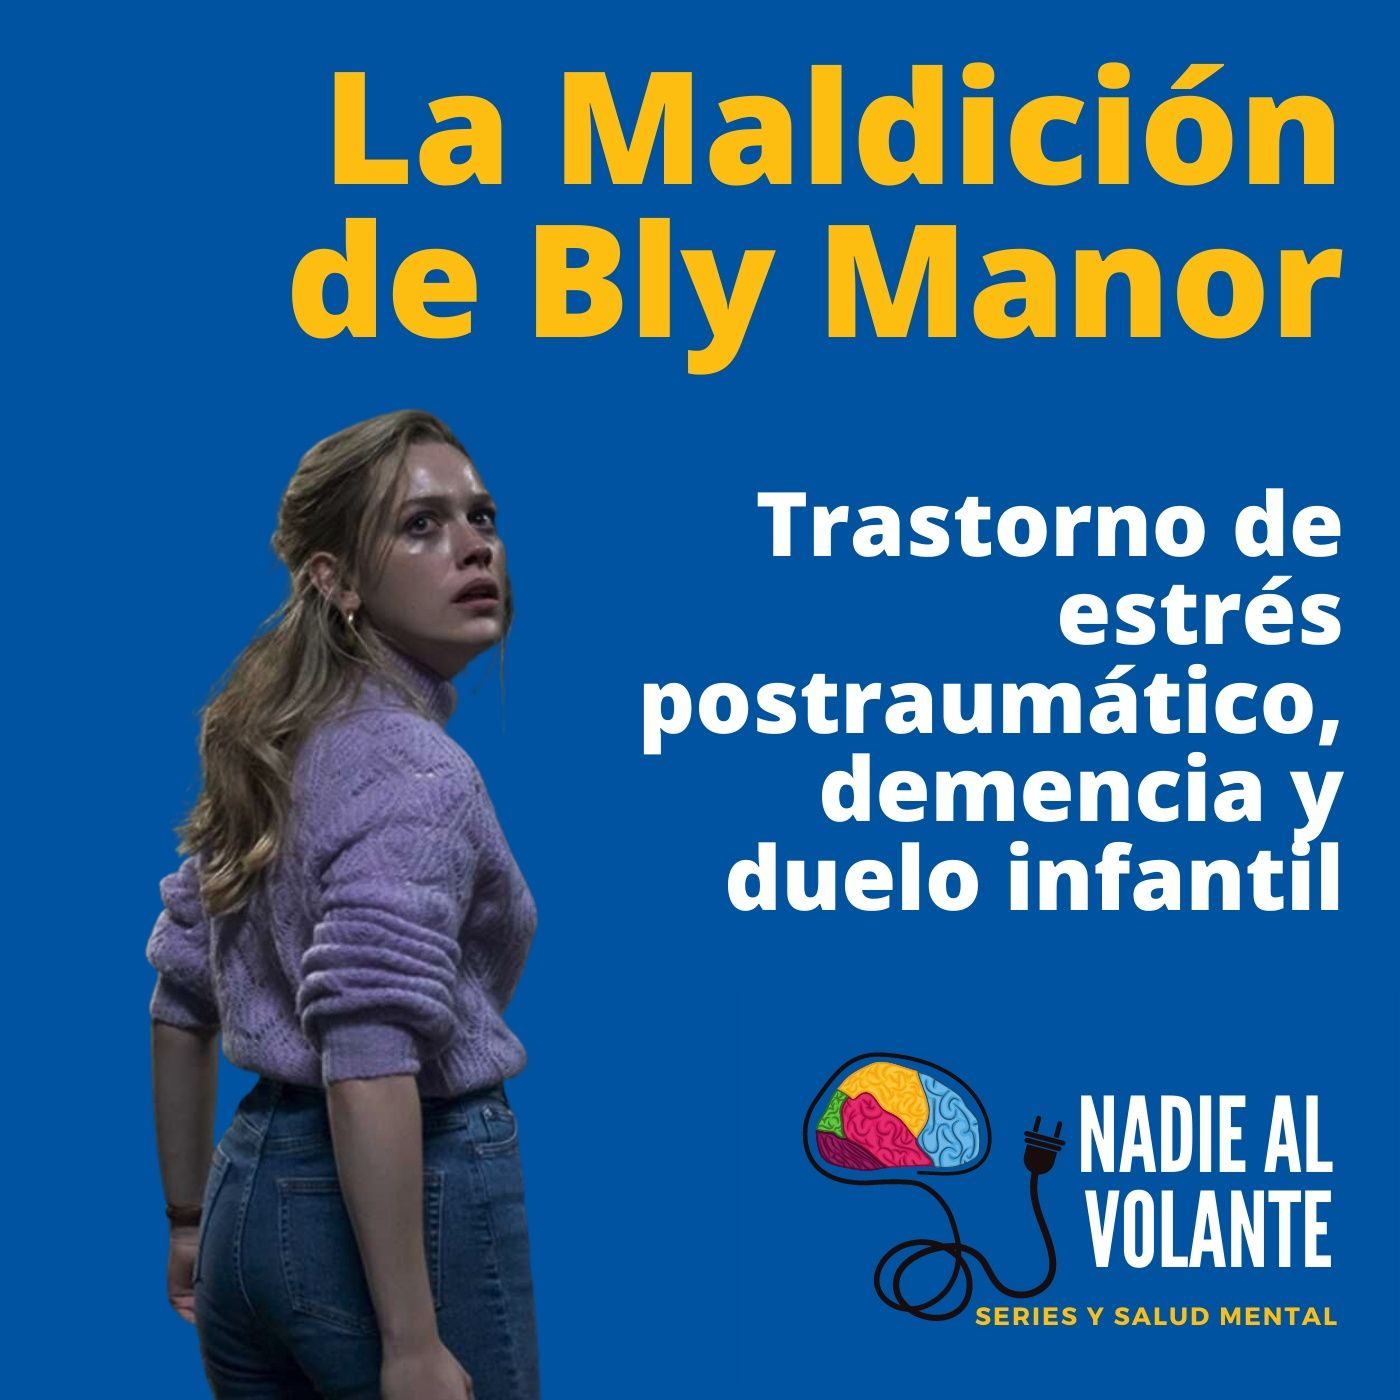 La Maldición de Bly Manor, el Trastorno de Estrés Postraumático, la demencia y el duelo infantil